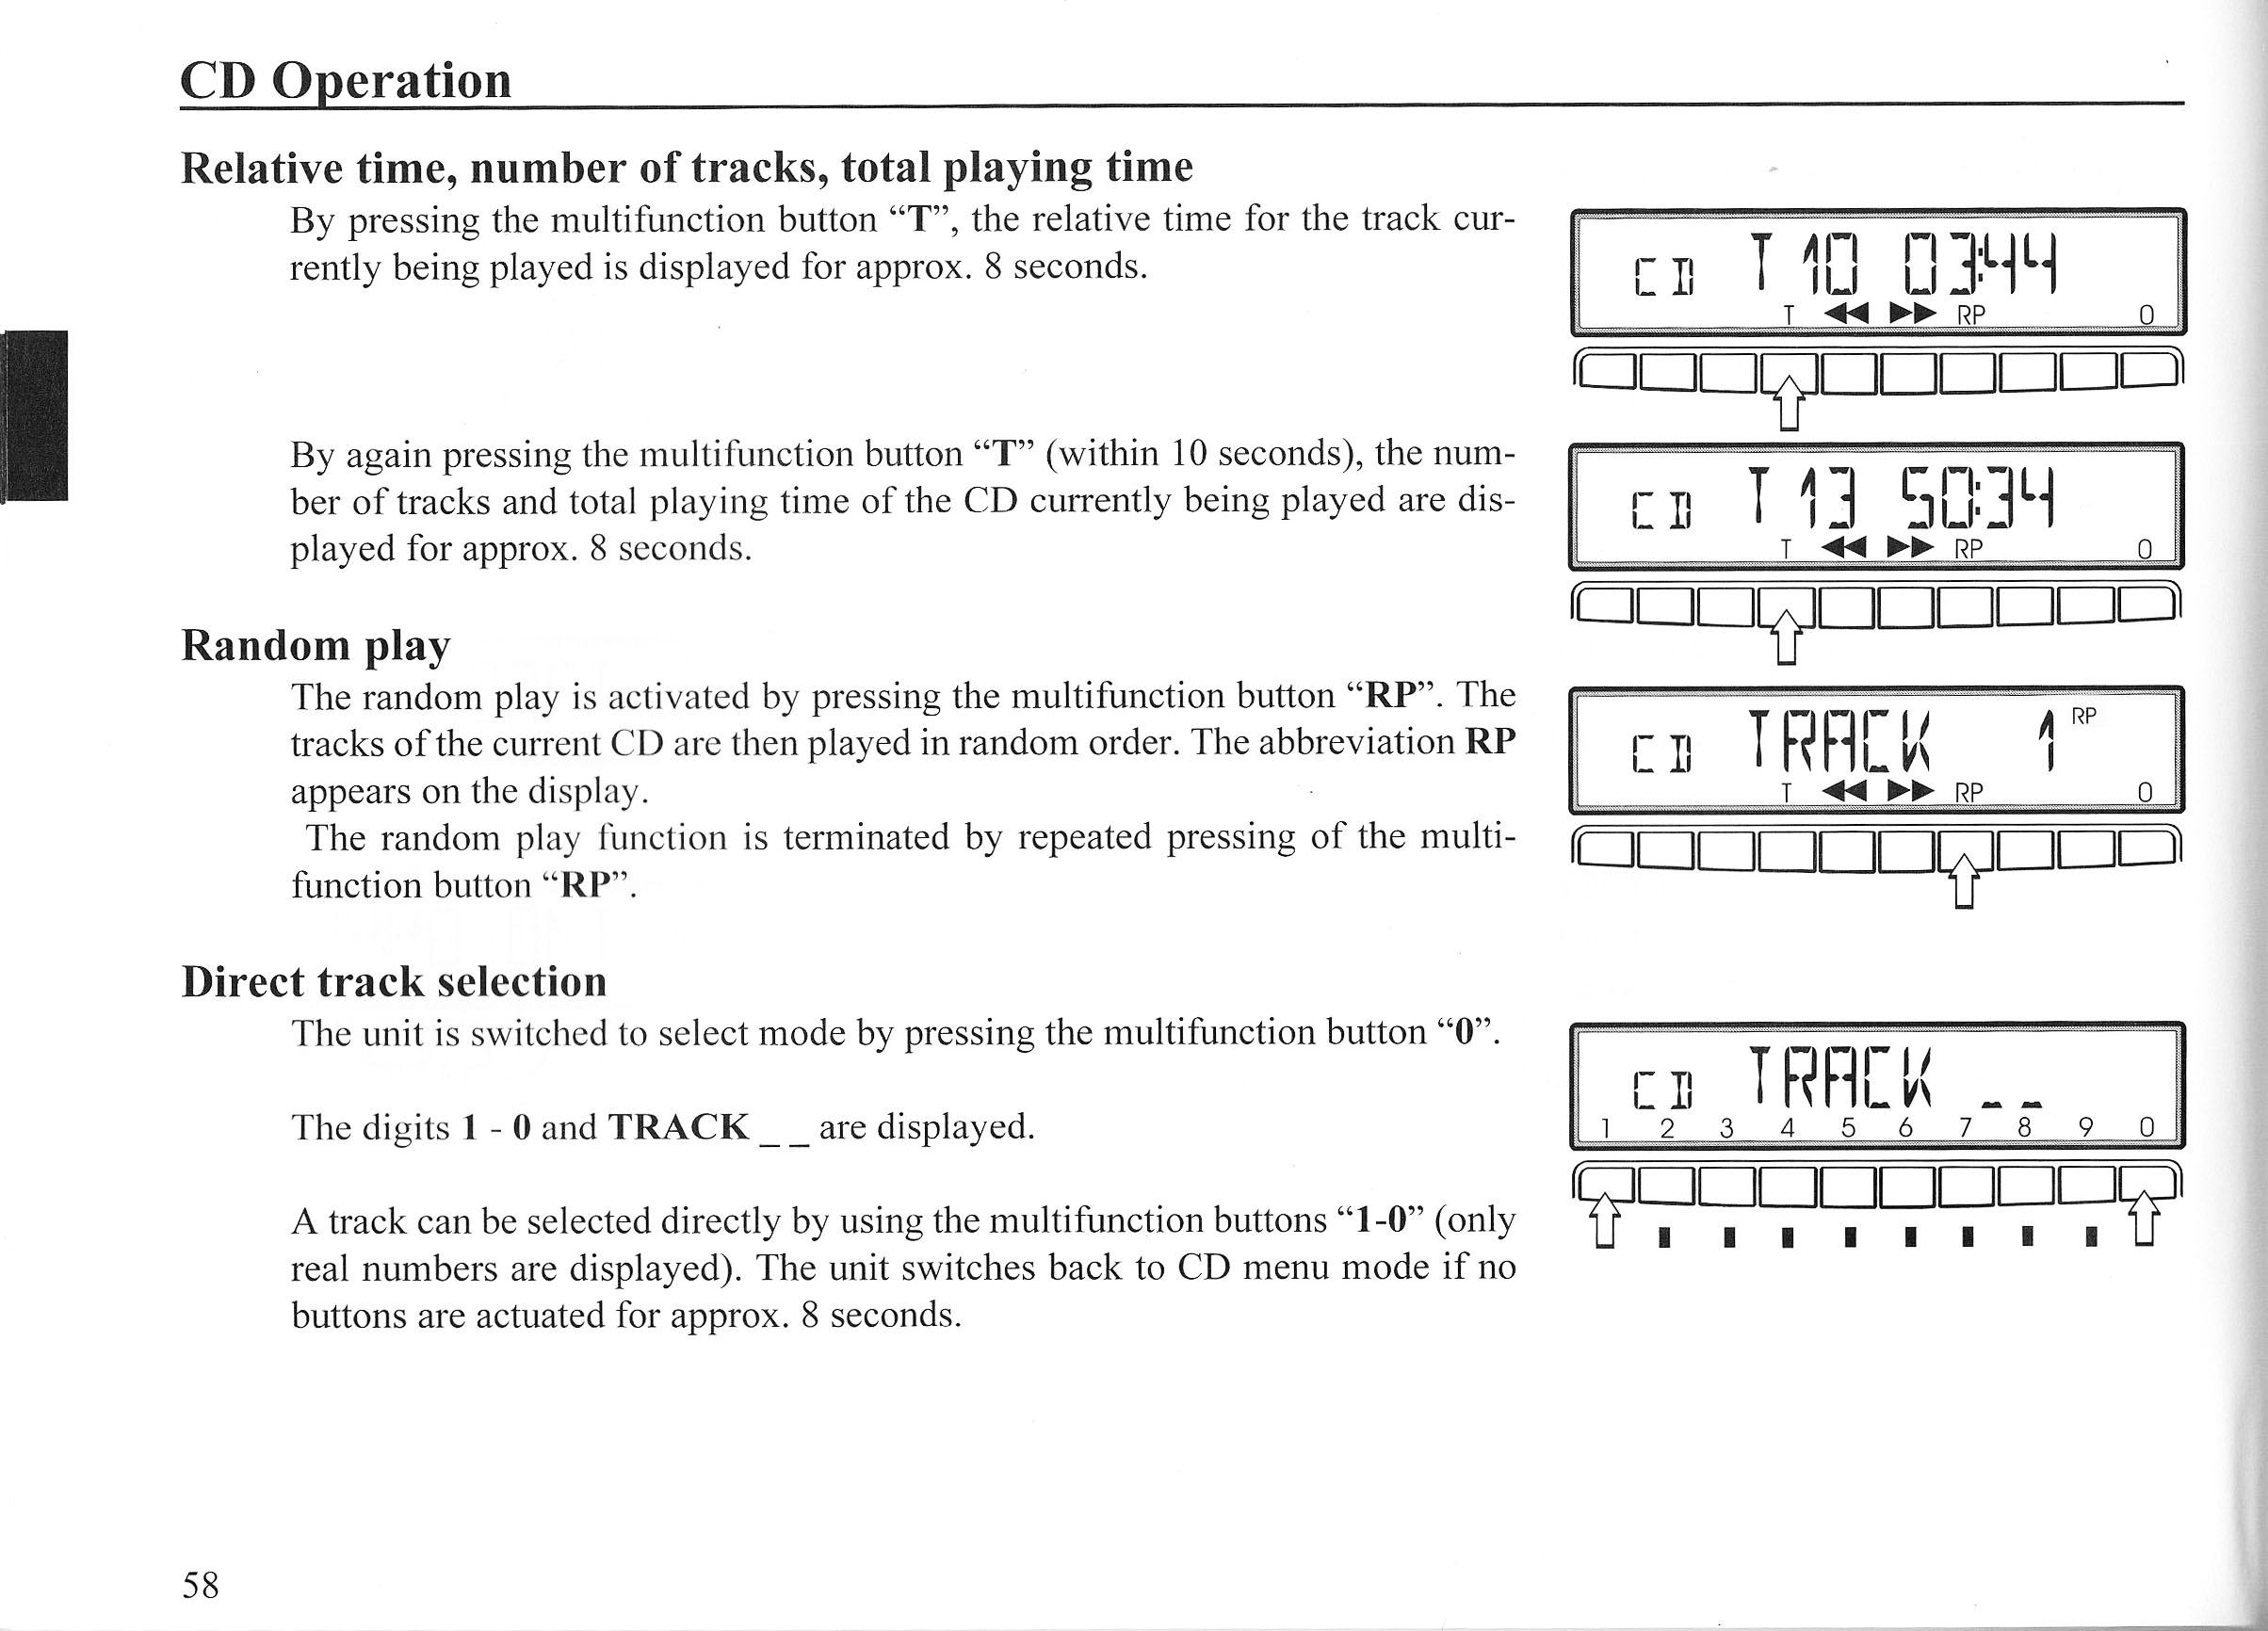 CDR22_manual_pg58.jpg